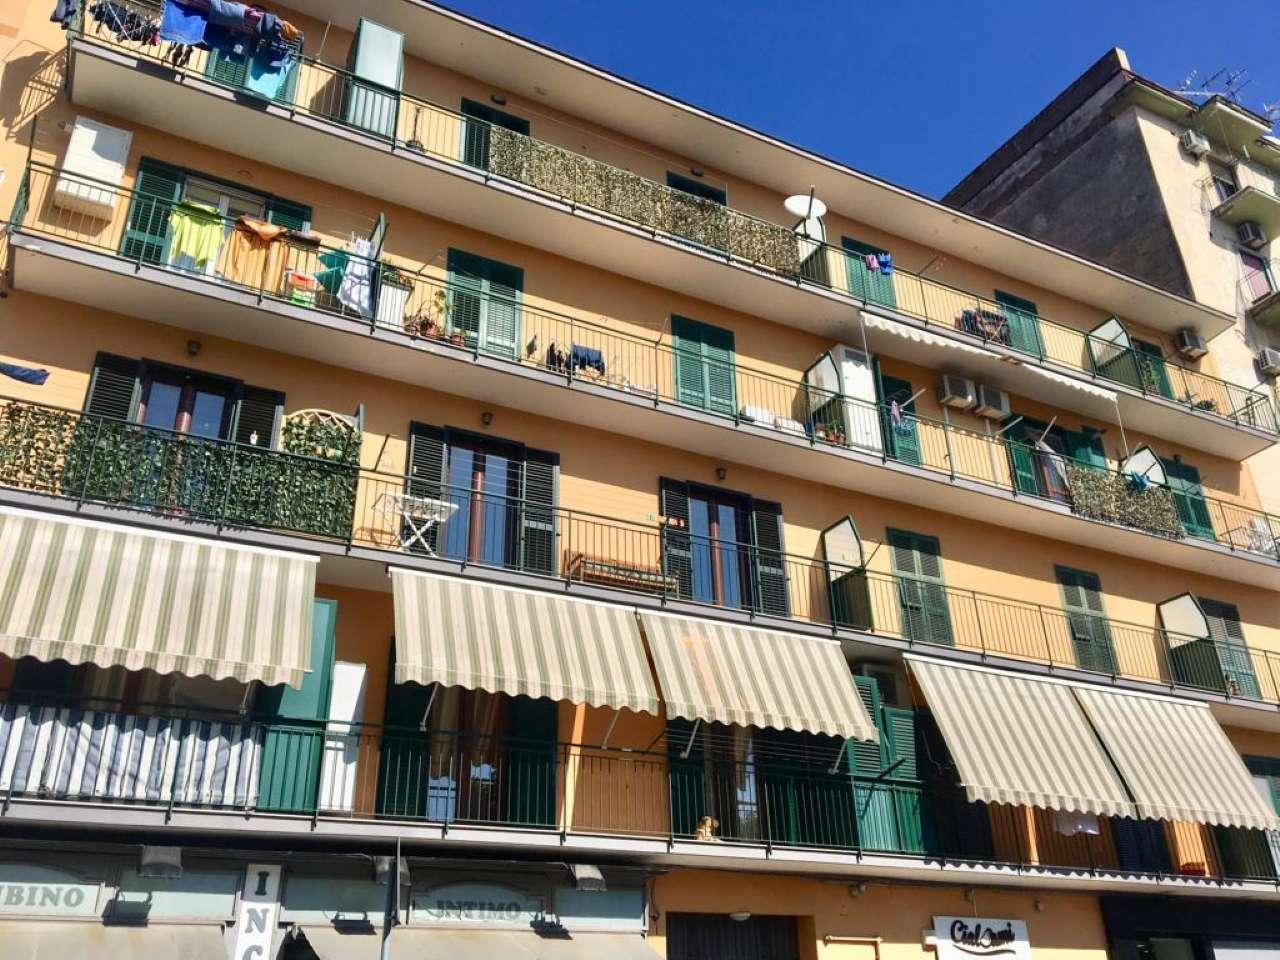 Appartamenti trilocali in affitto a napoli for Appartamenti arredati napoli